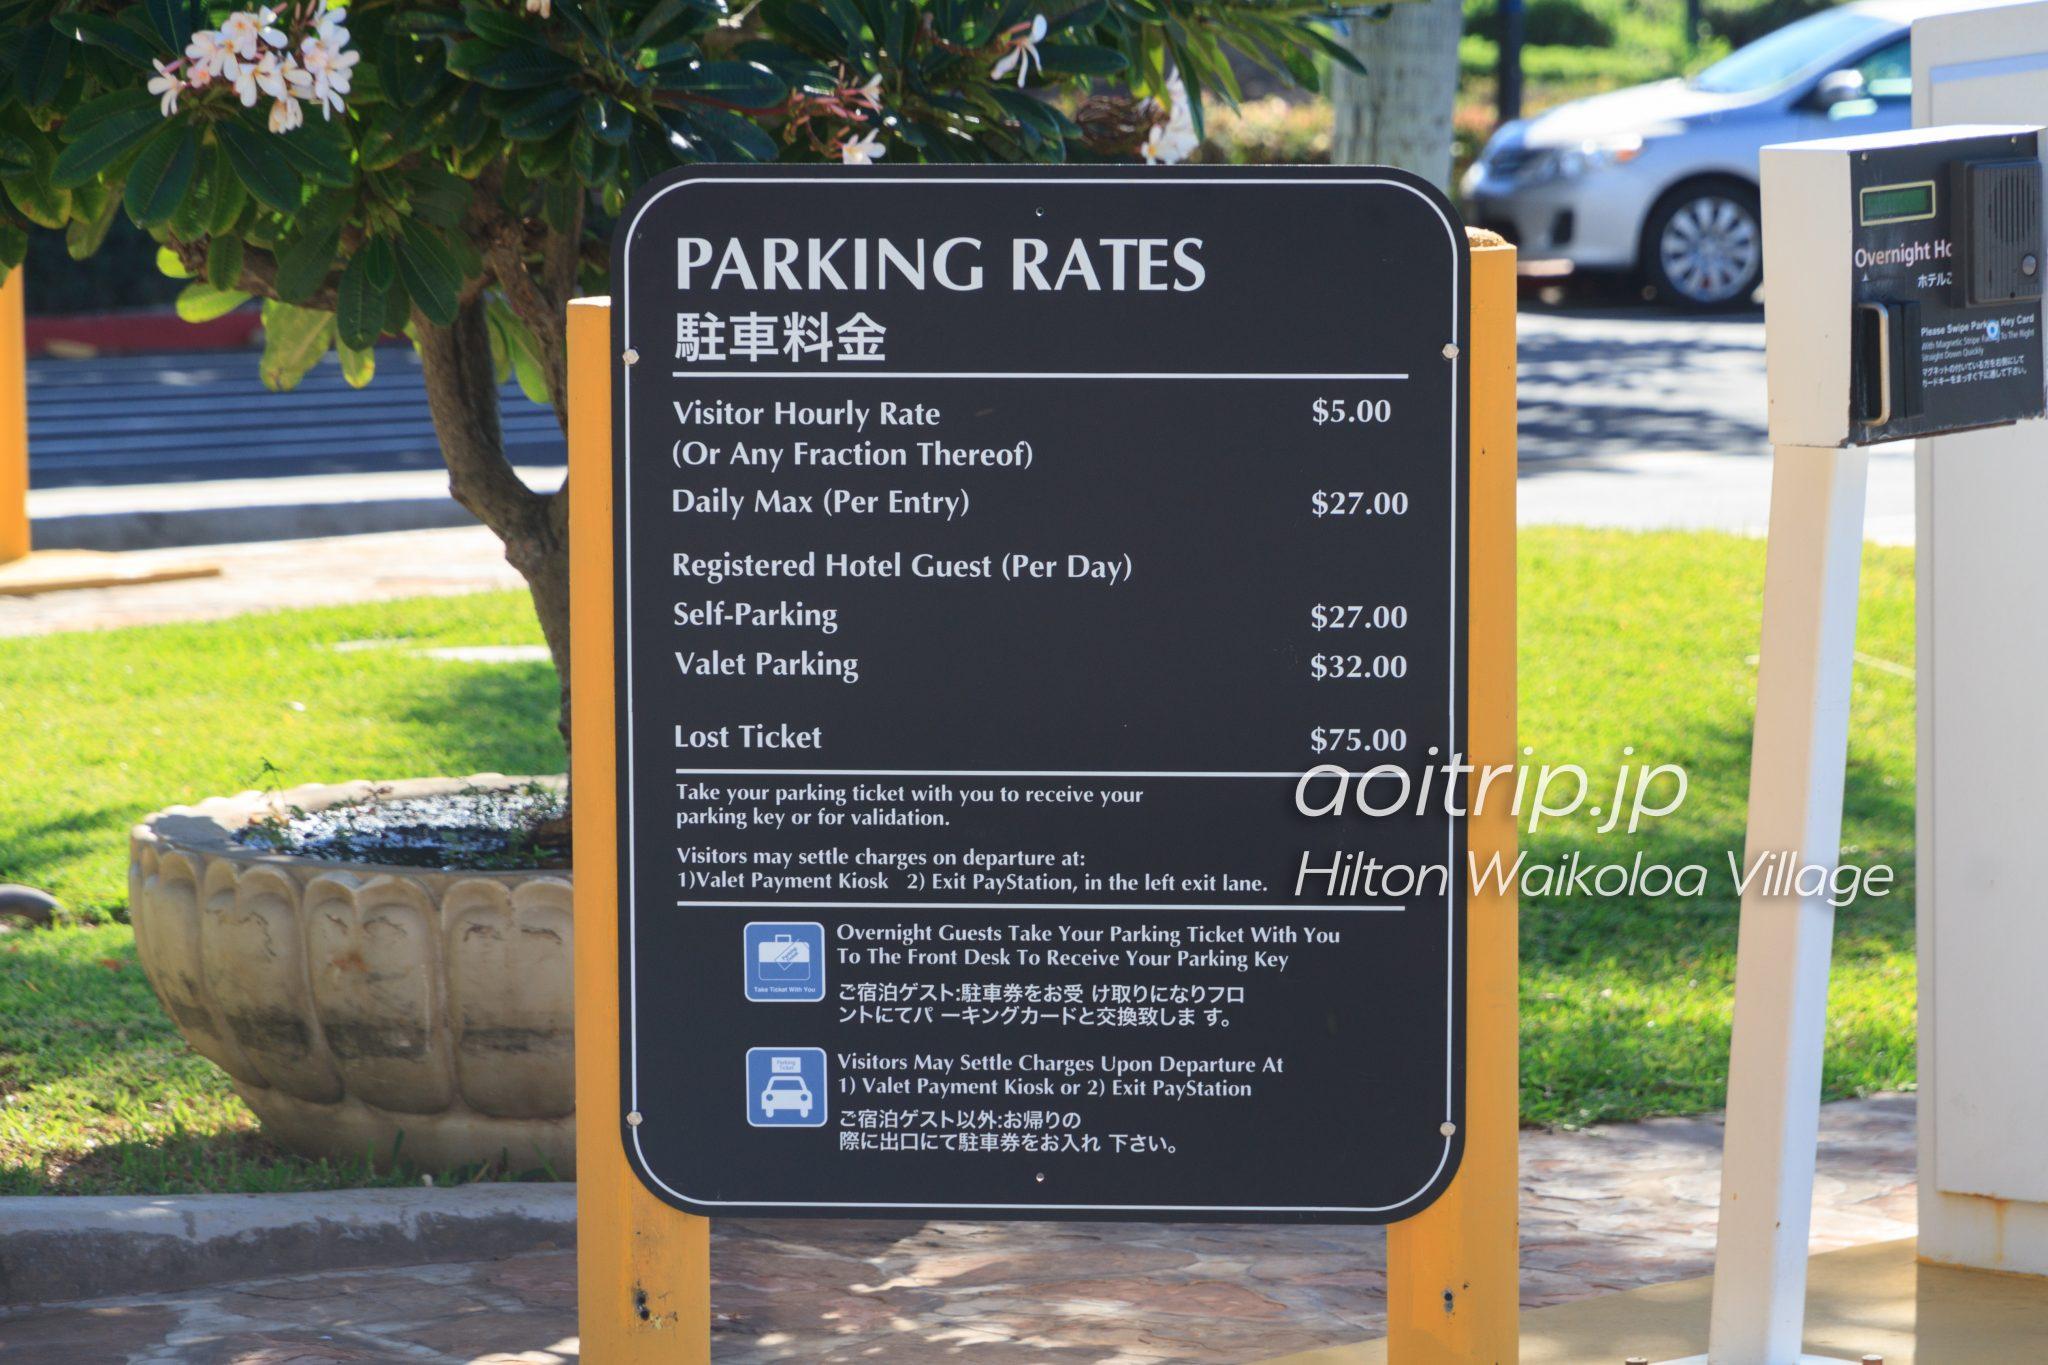 ヒルトンハワイアンビレッジ 駐車場料金